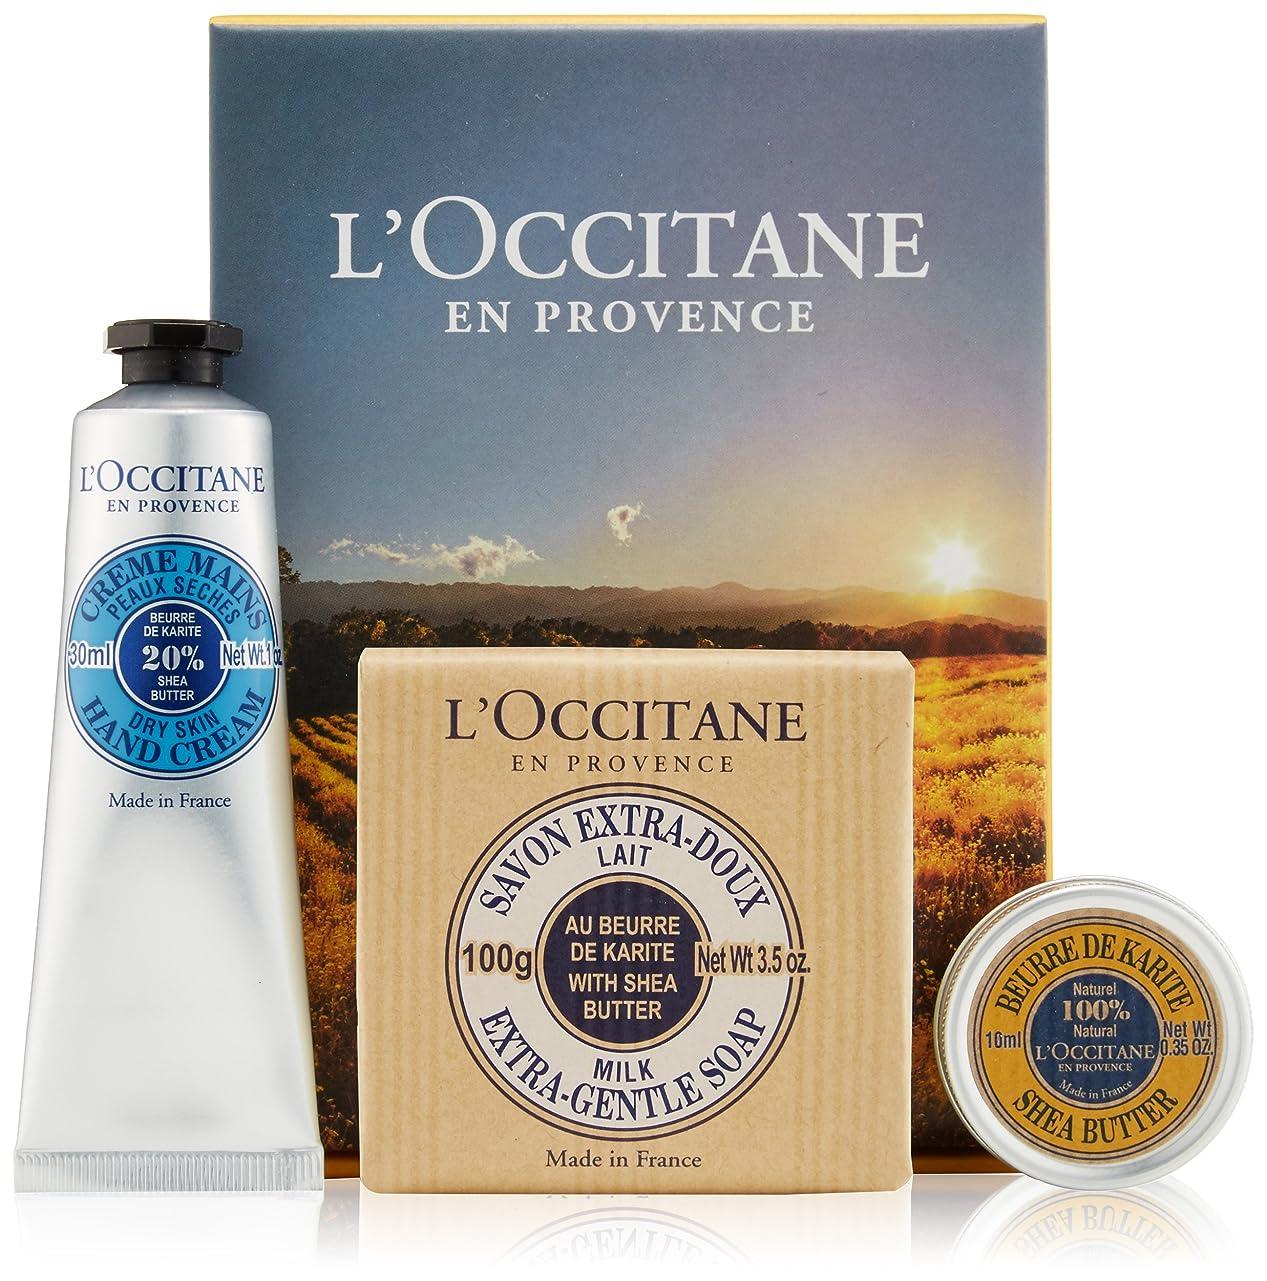 カスケード高度なみぞれロクシタン(L'OCCITANE) シアバター&ハンドケアセット